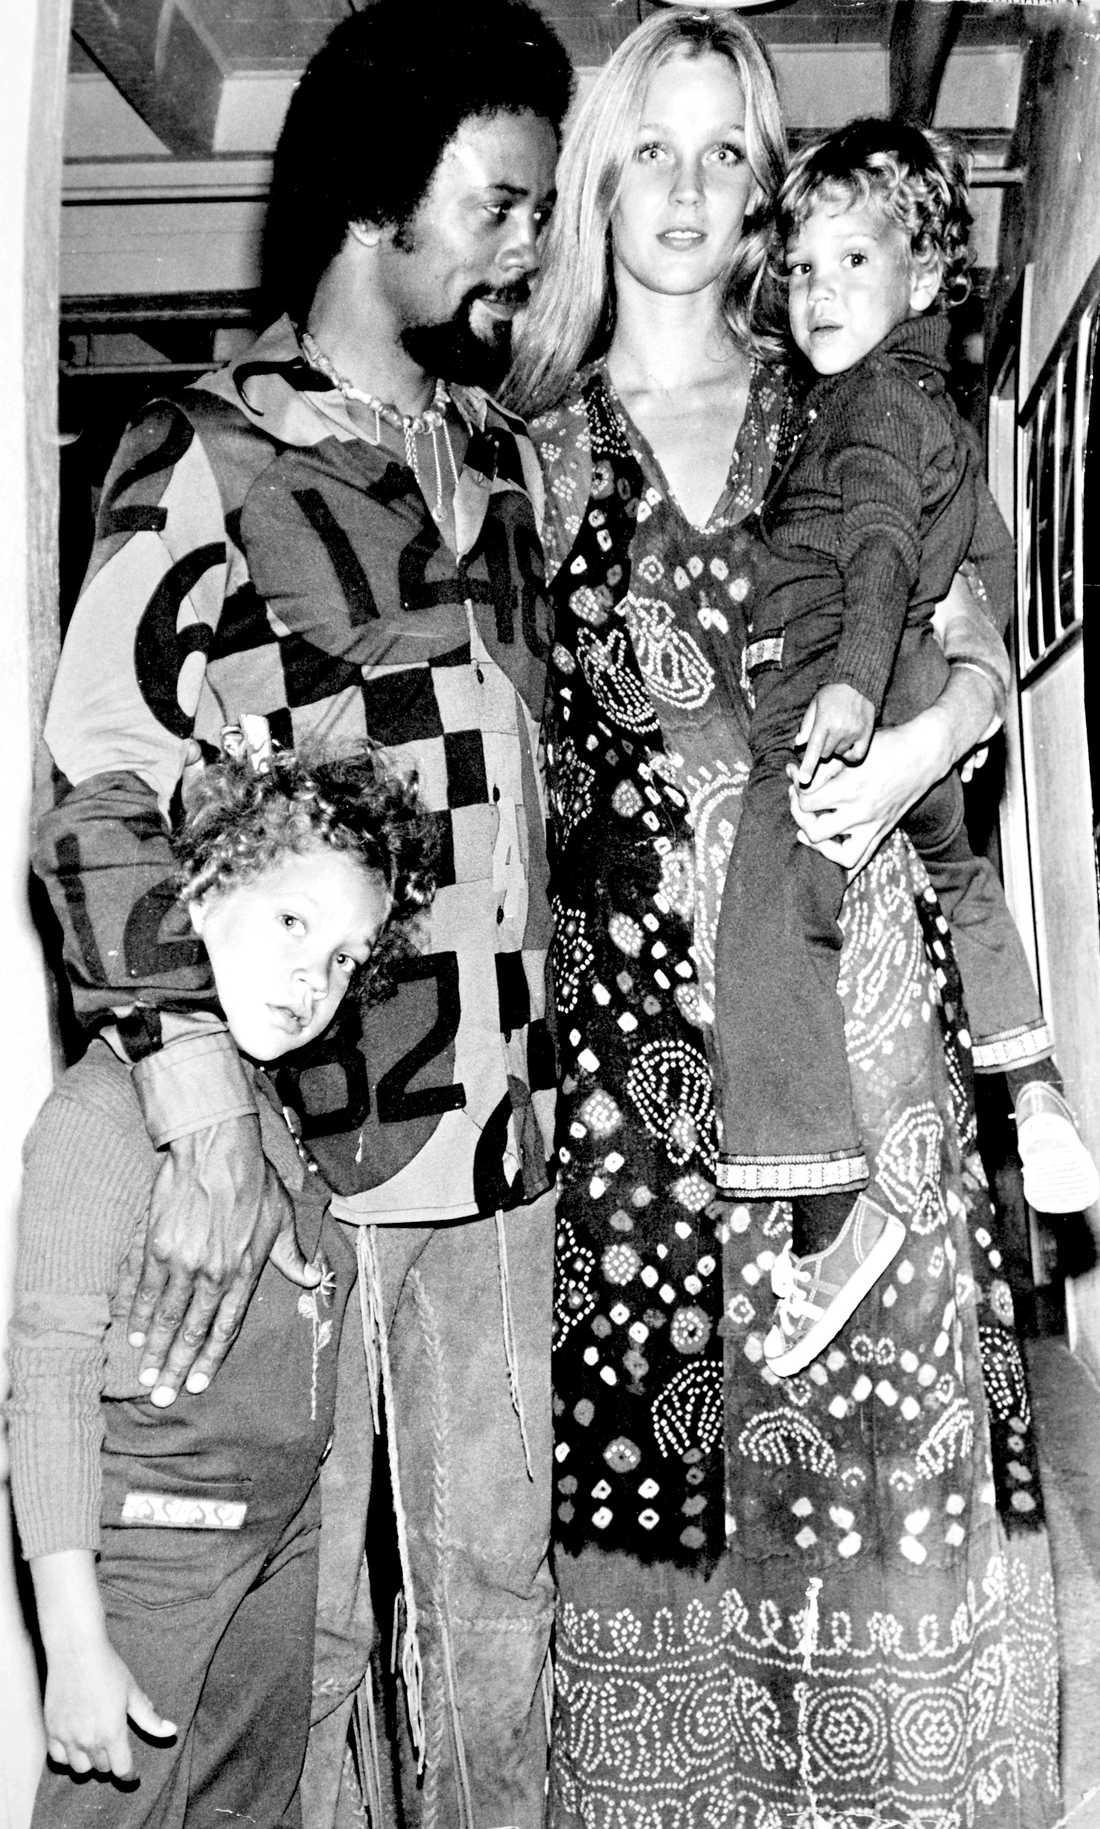 Mamma och pappa – Quincy och Ulla Jones när barnen var små.